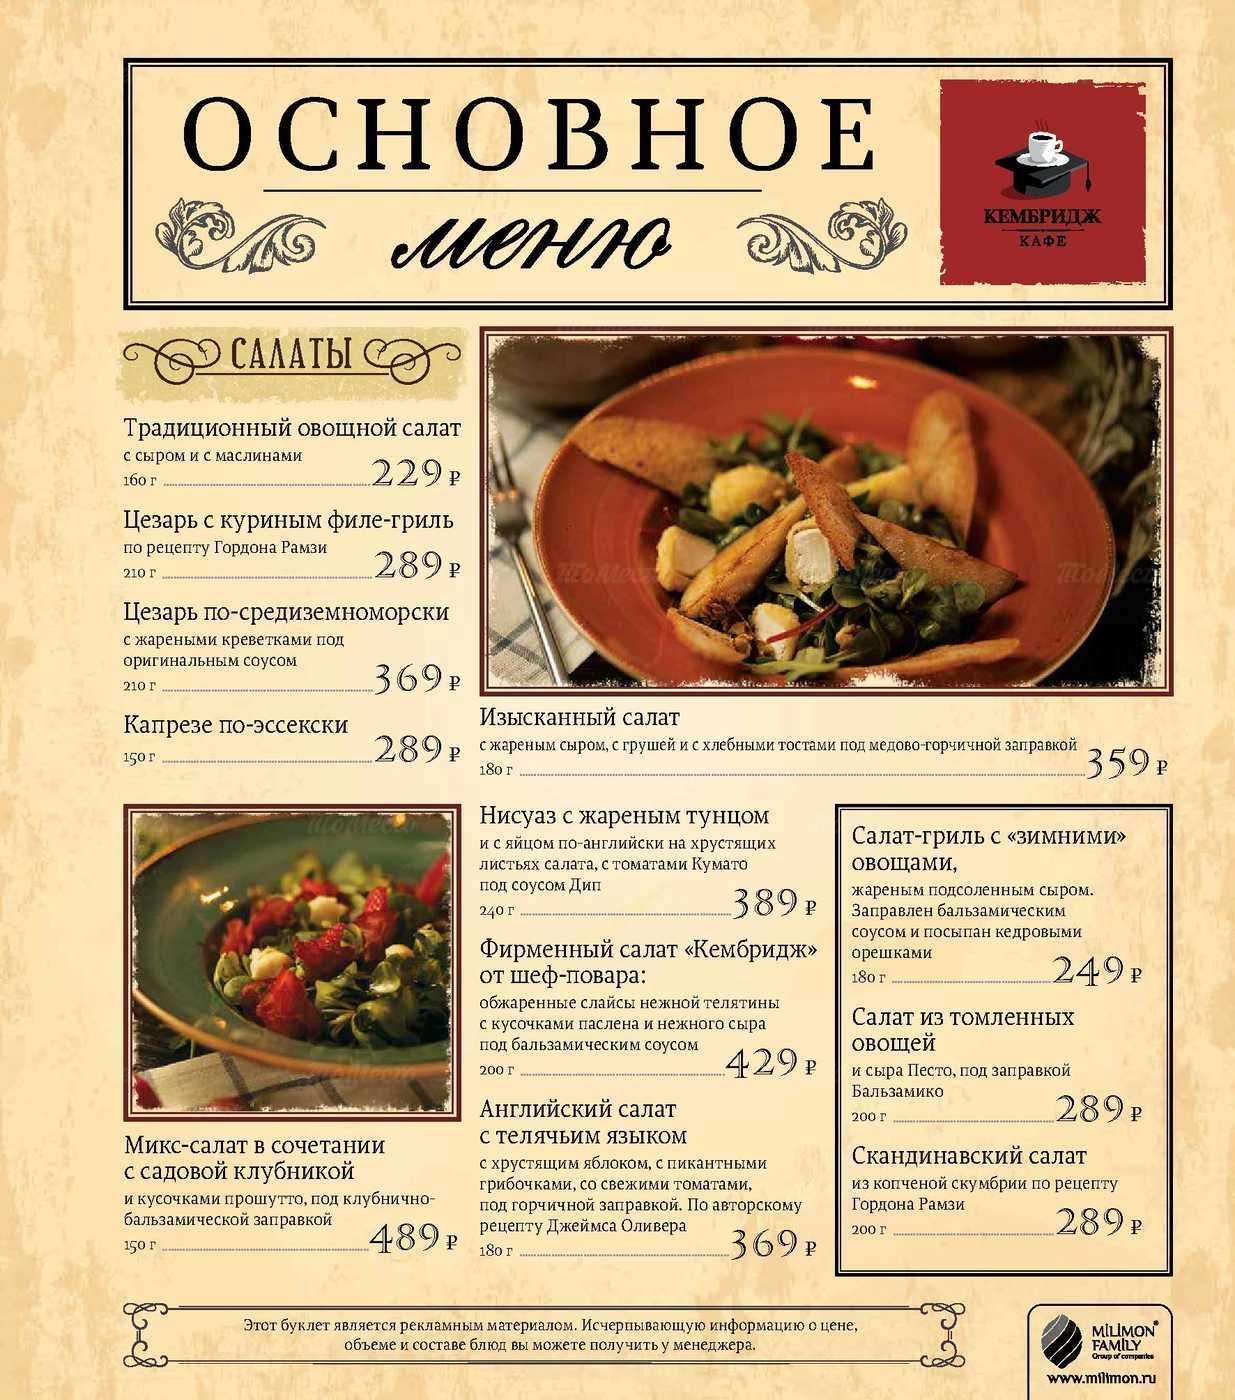 Меню кафе Кембридж в Ново-Садовой